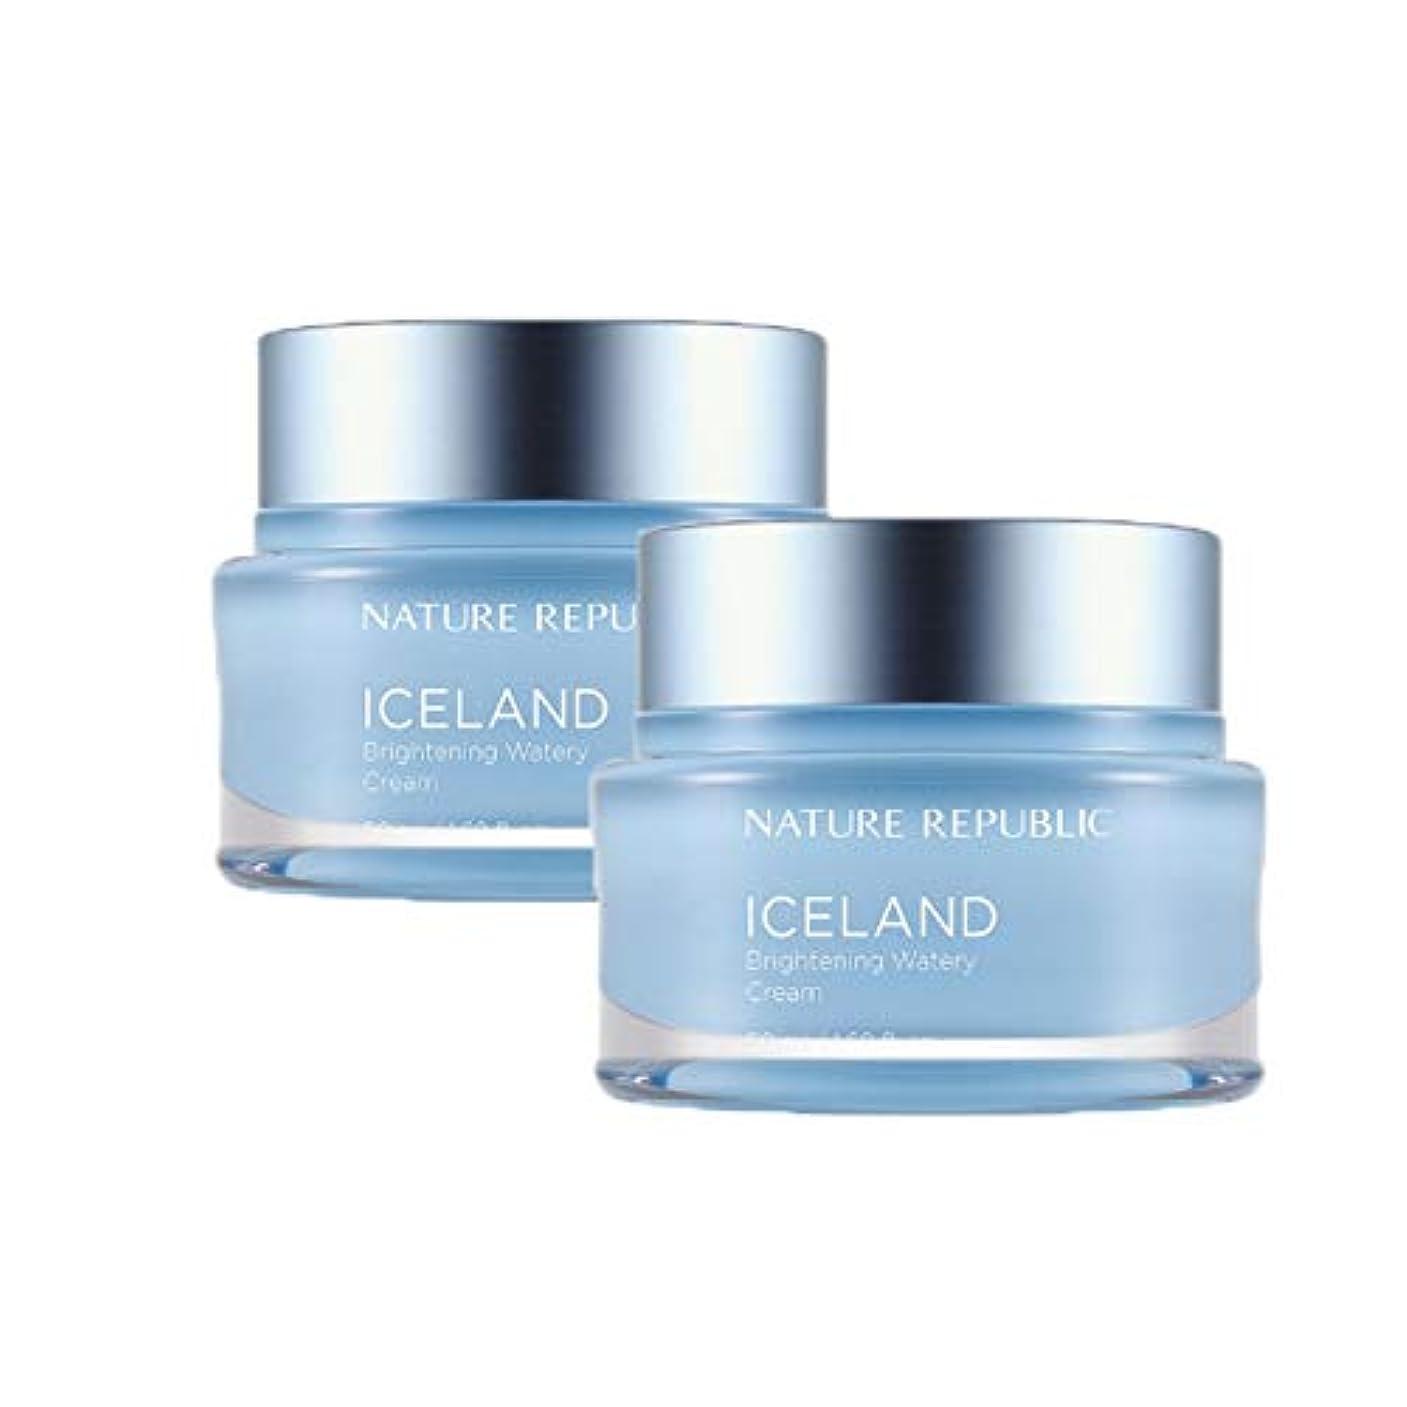 制限された褒賞誤ネイチャーリパブリックアイスランドブライトニング水分クリーム50mlx2本セット韓国コスメ、Nature Republic Iceland Brightening Watery Cream 50ml x 2ea Set Korean Cosmetics [並行輸入品]